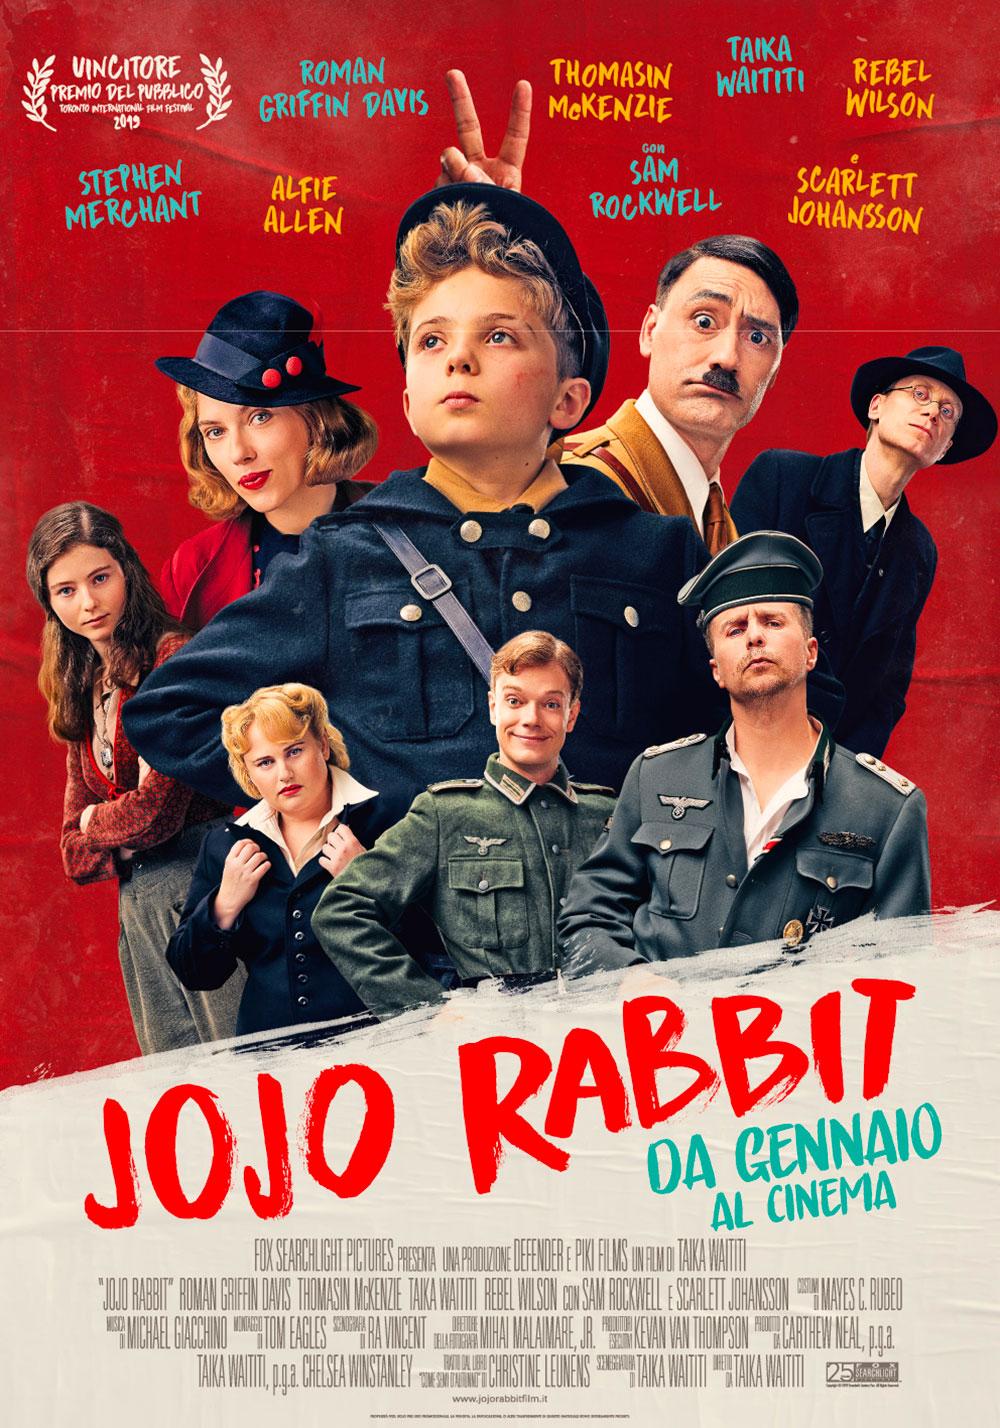 In foto Taika Waititi (46 anni) Dall'articolo: Jojo Rabbit, il poster italiano del film.